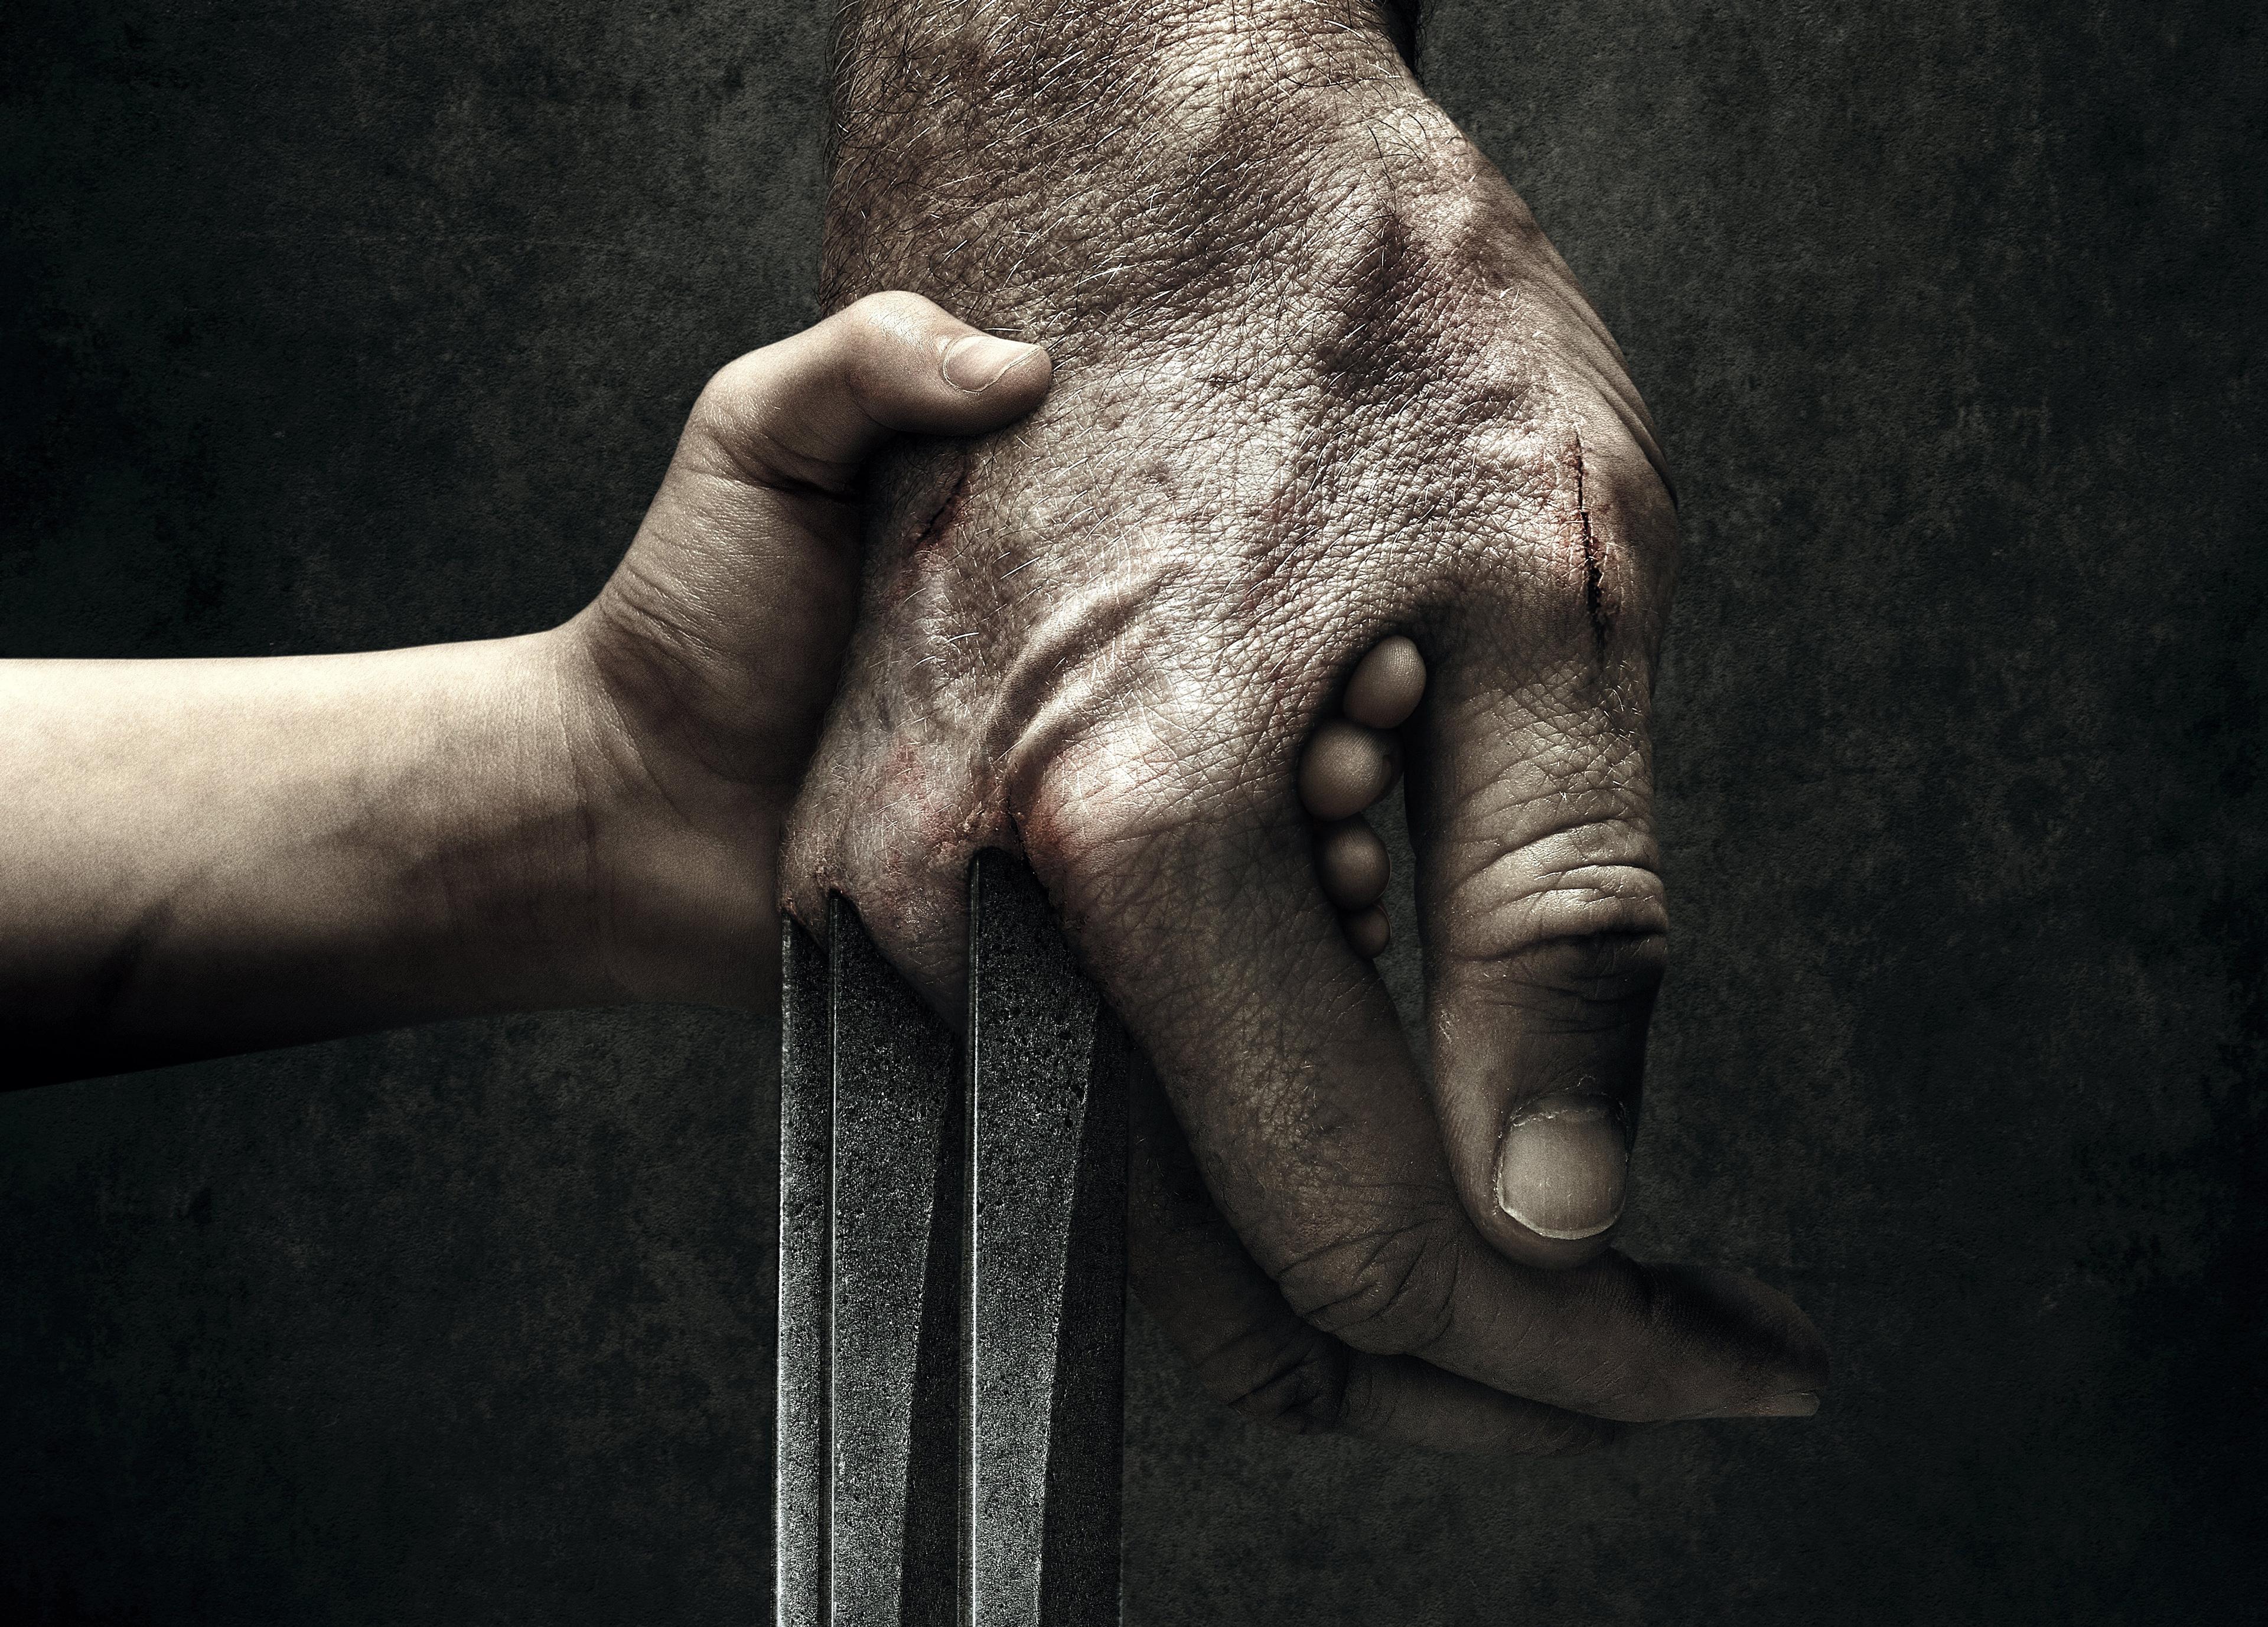 logan 2017 movie 720p